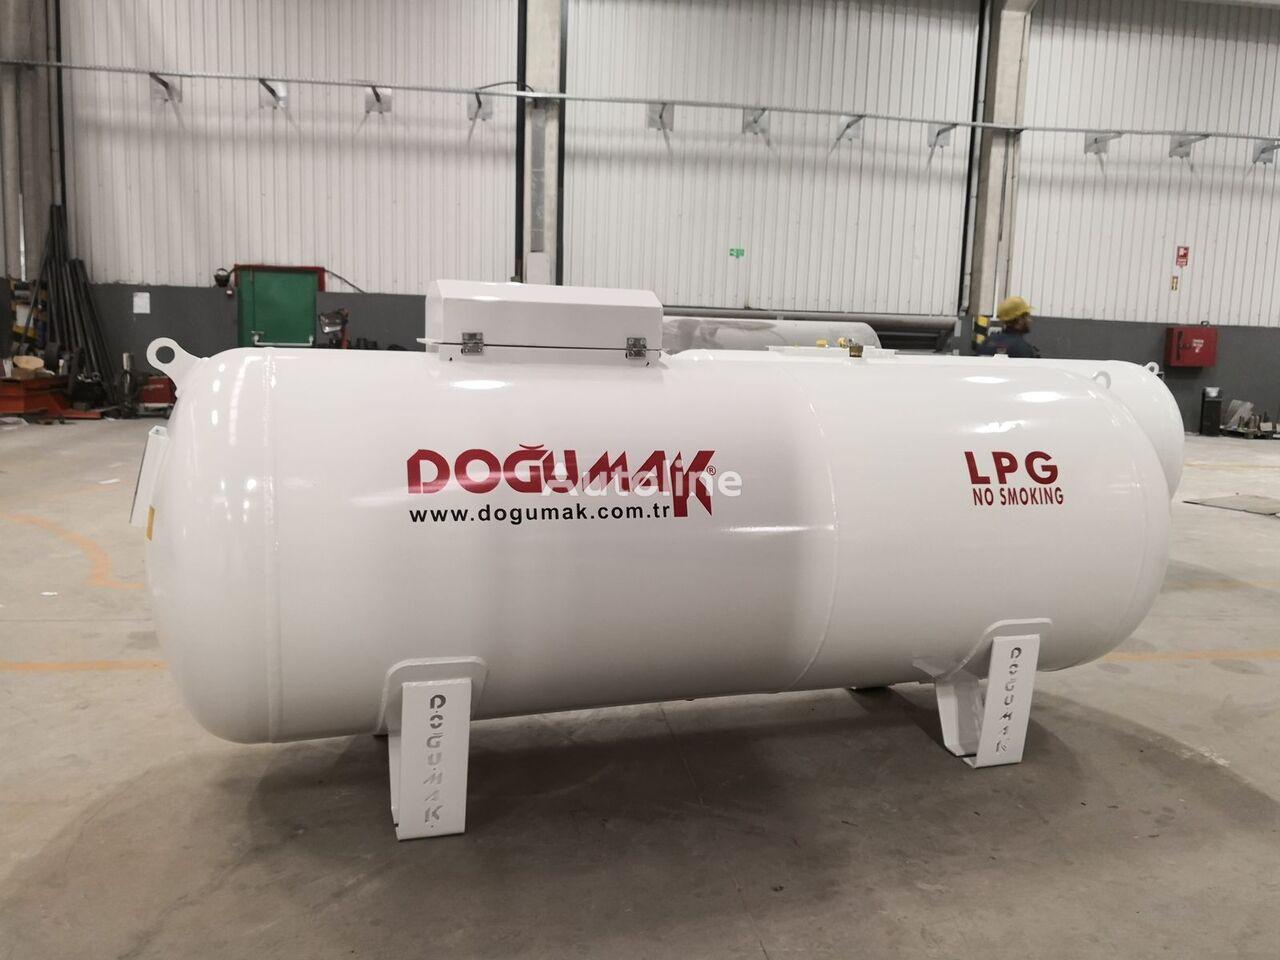 nový cisterna LPG DOĞUMAK